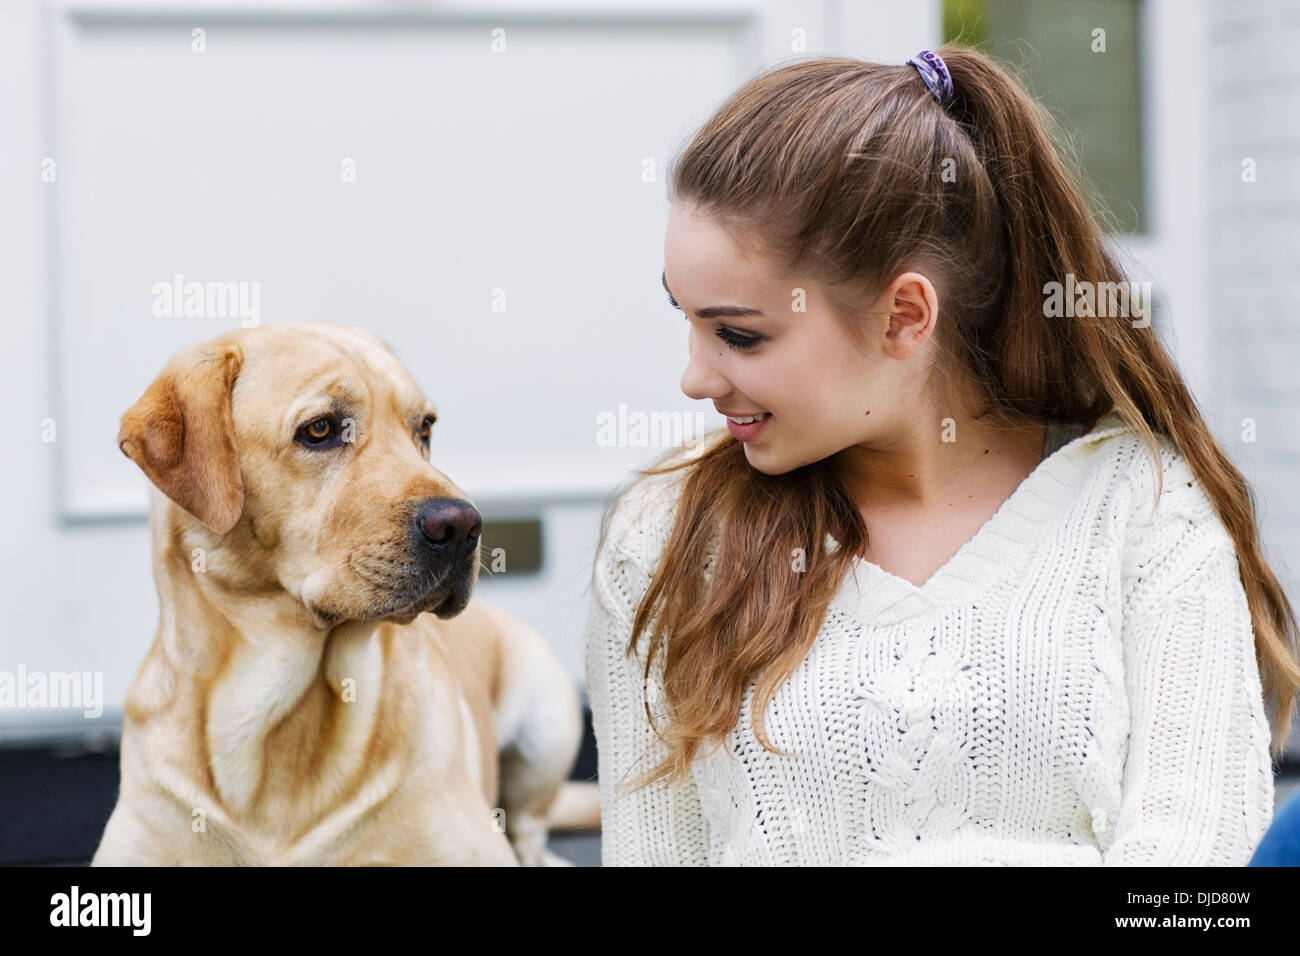 Teenager-Mädchen mit Hund sitzt vor einer Eingangstür Stockbild